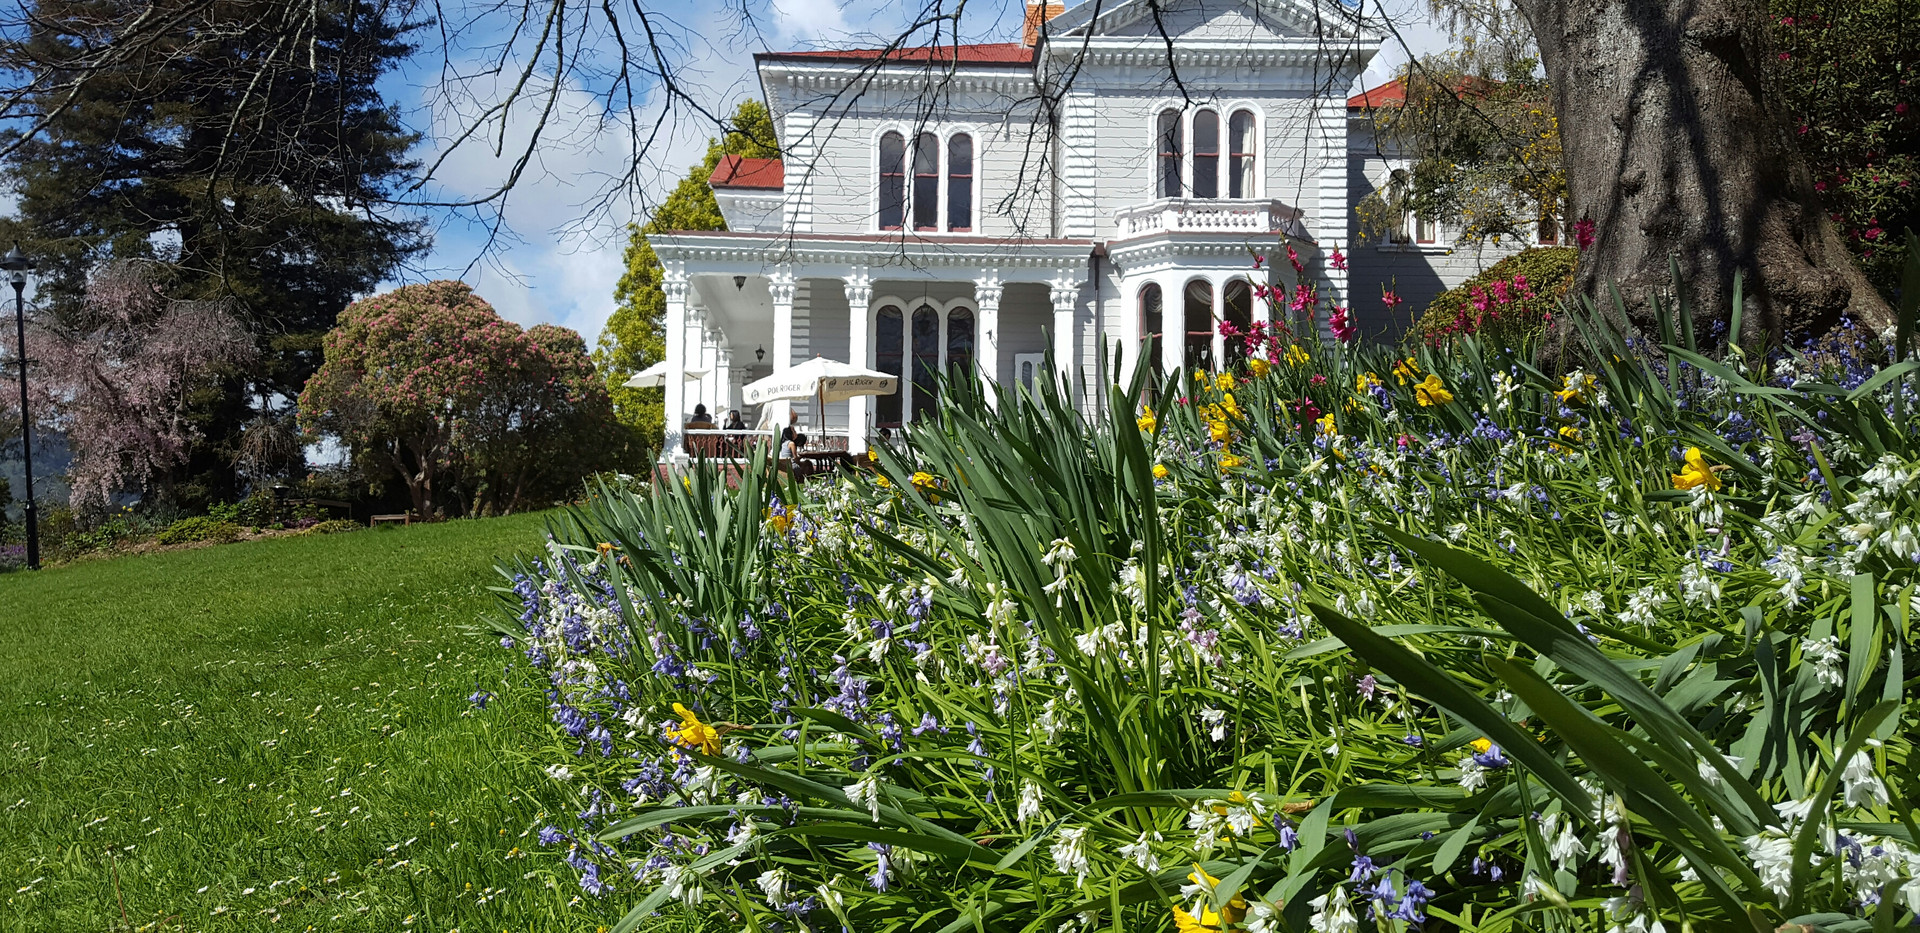 Melrose House Gardens